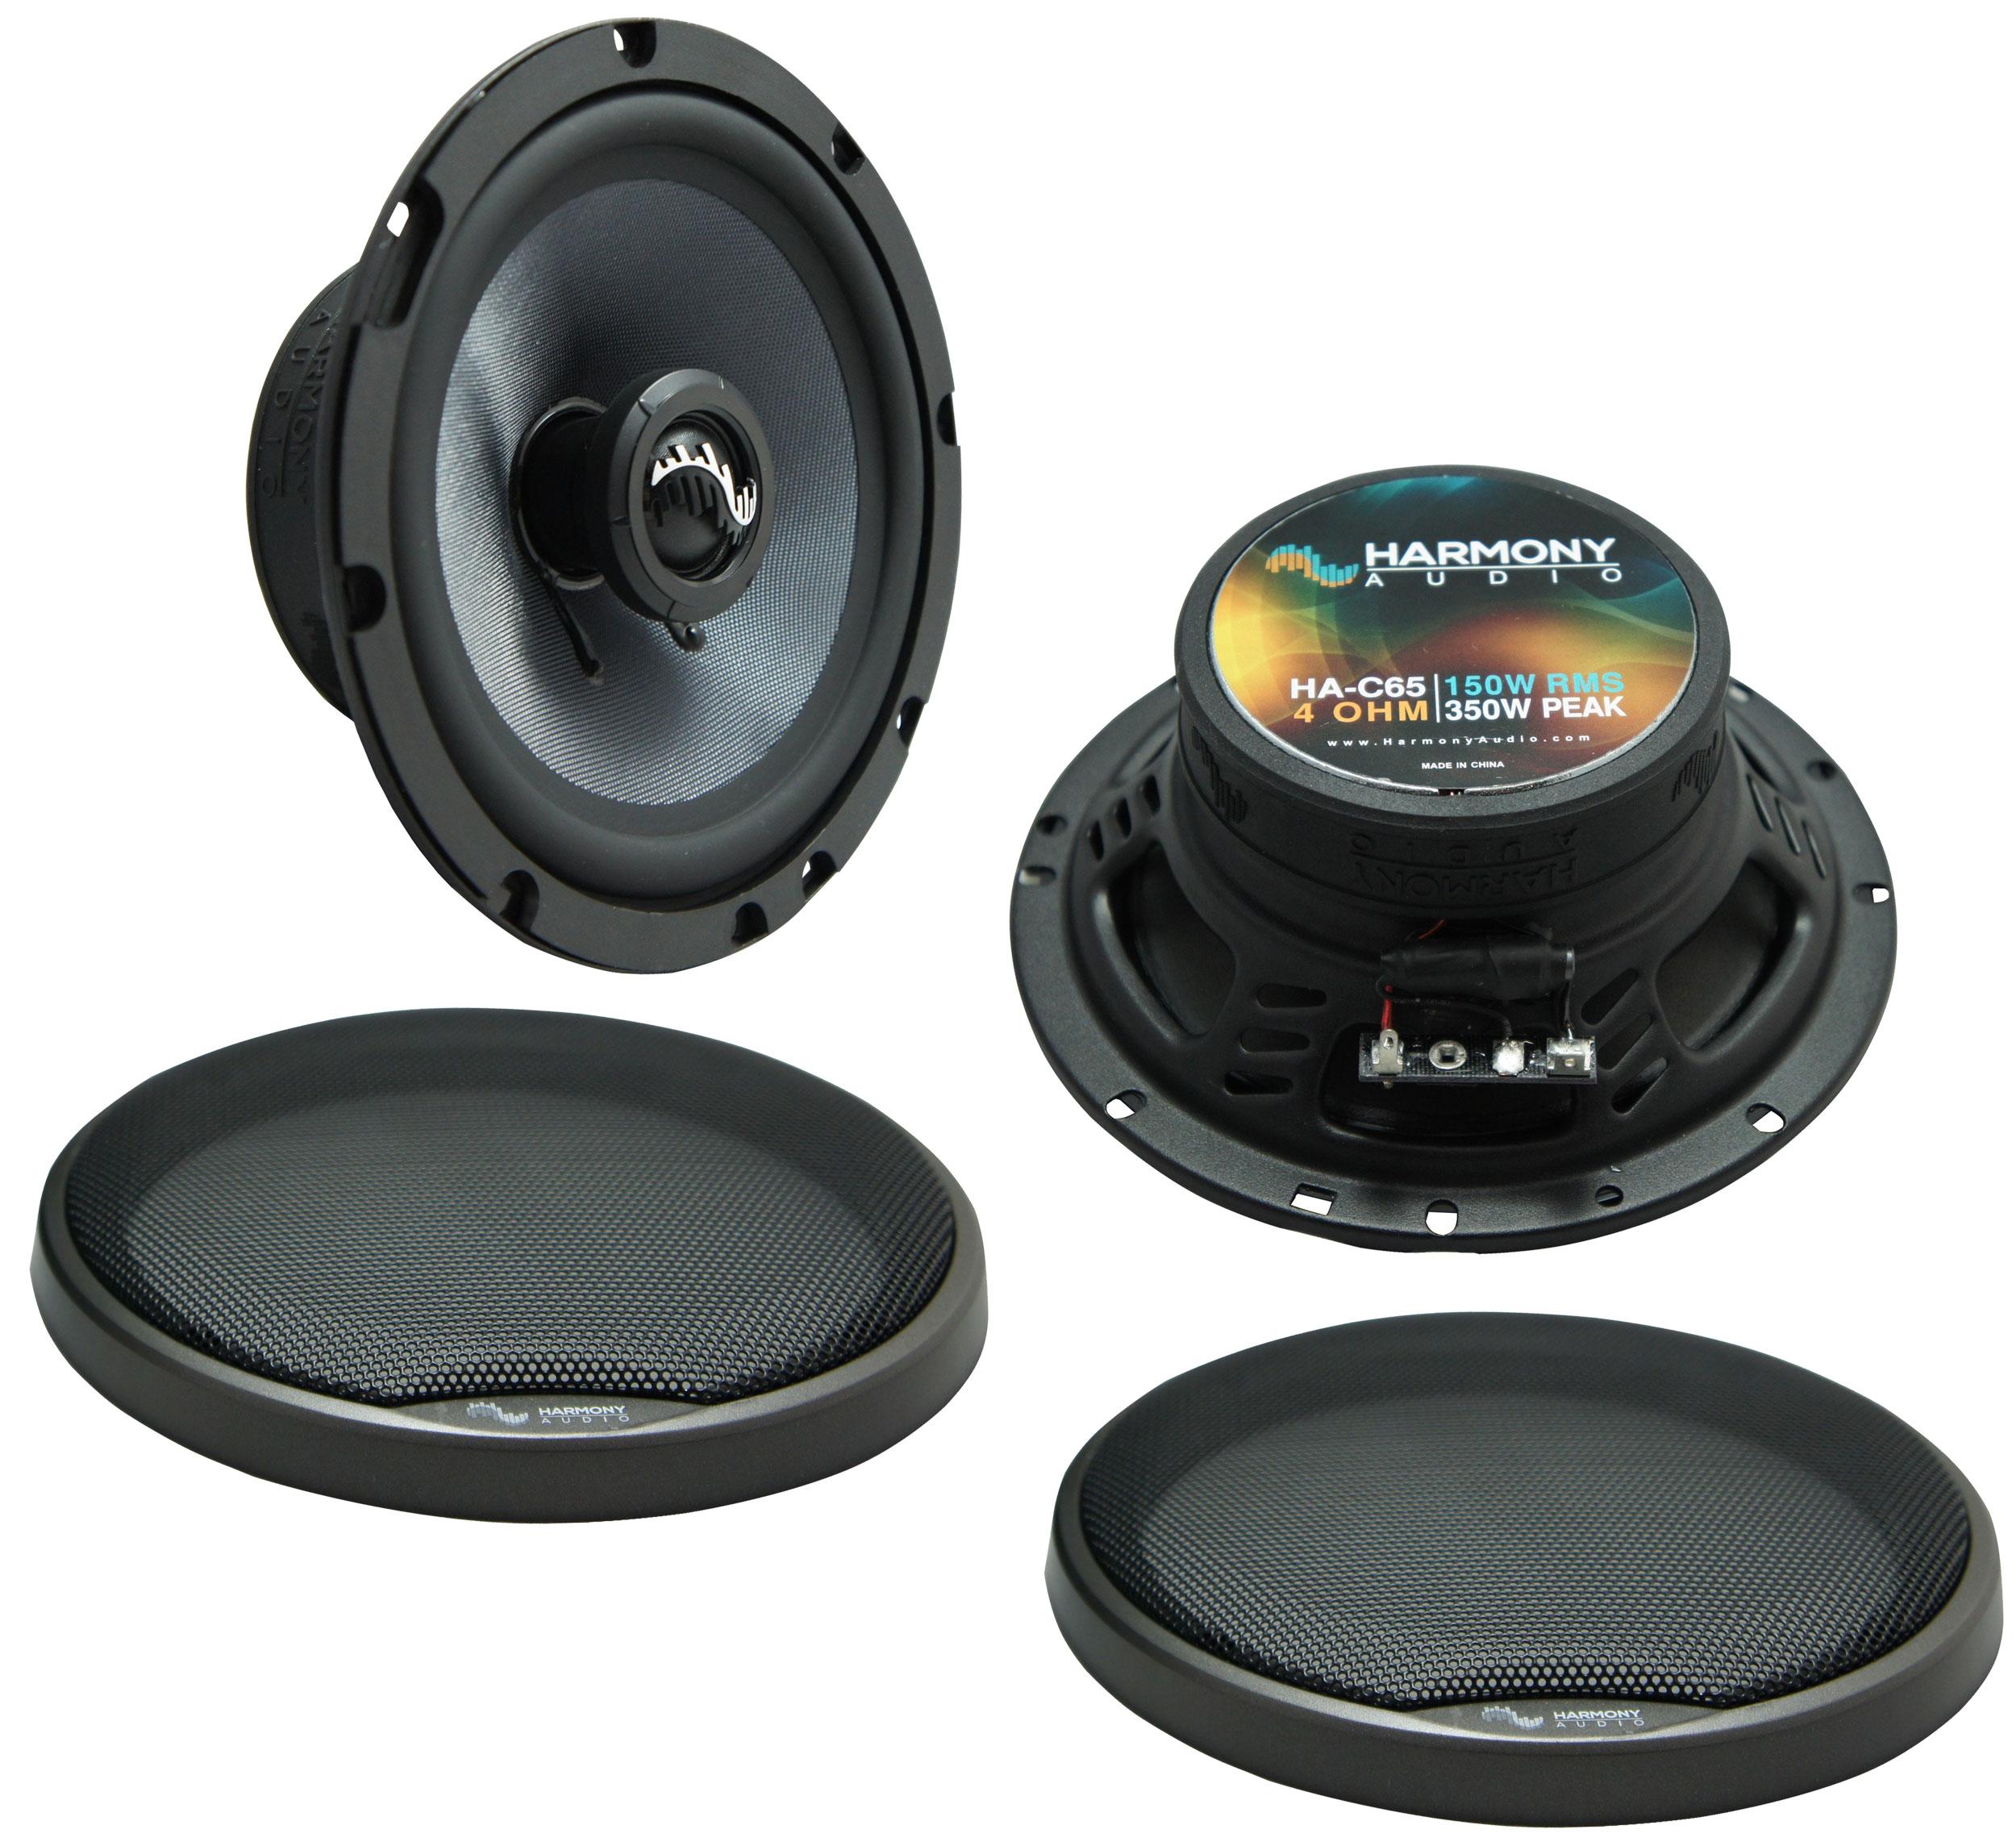 Fits GMC Sierra 2007-2013 Front Door Replacement Harmony HA-C65 Premium Speakers New